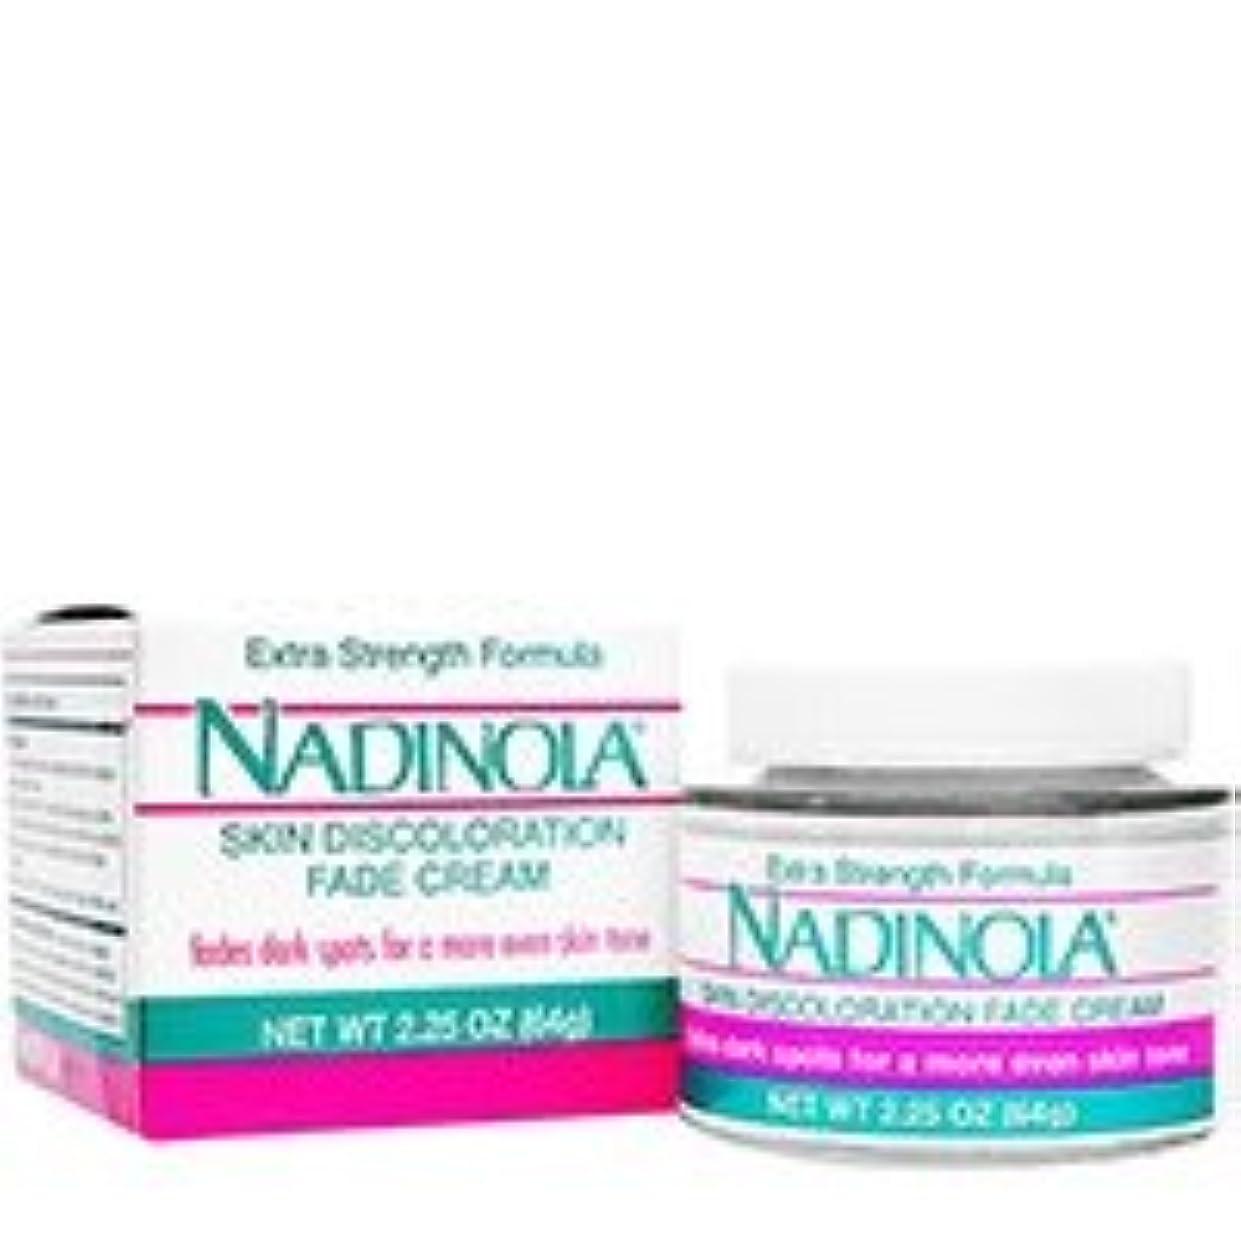 鳩美容師請求ナディノラ ナディノラ 強力美白クリーム64g(10月末入荷予定) 3本